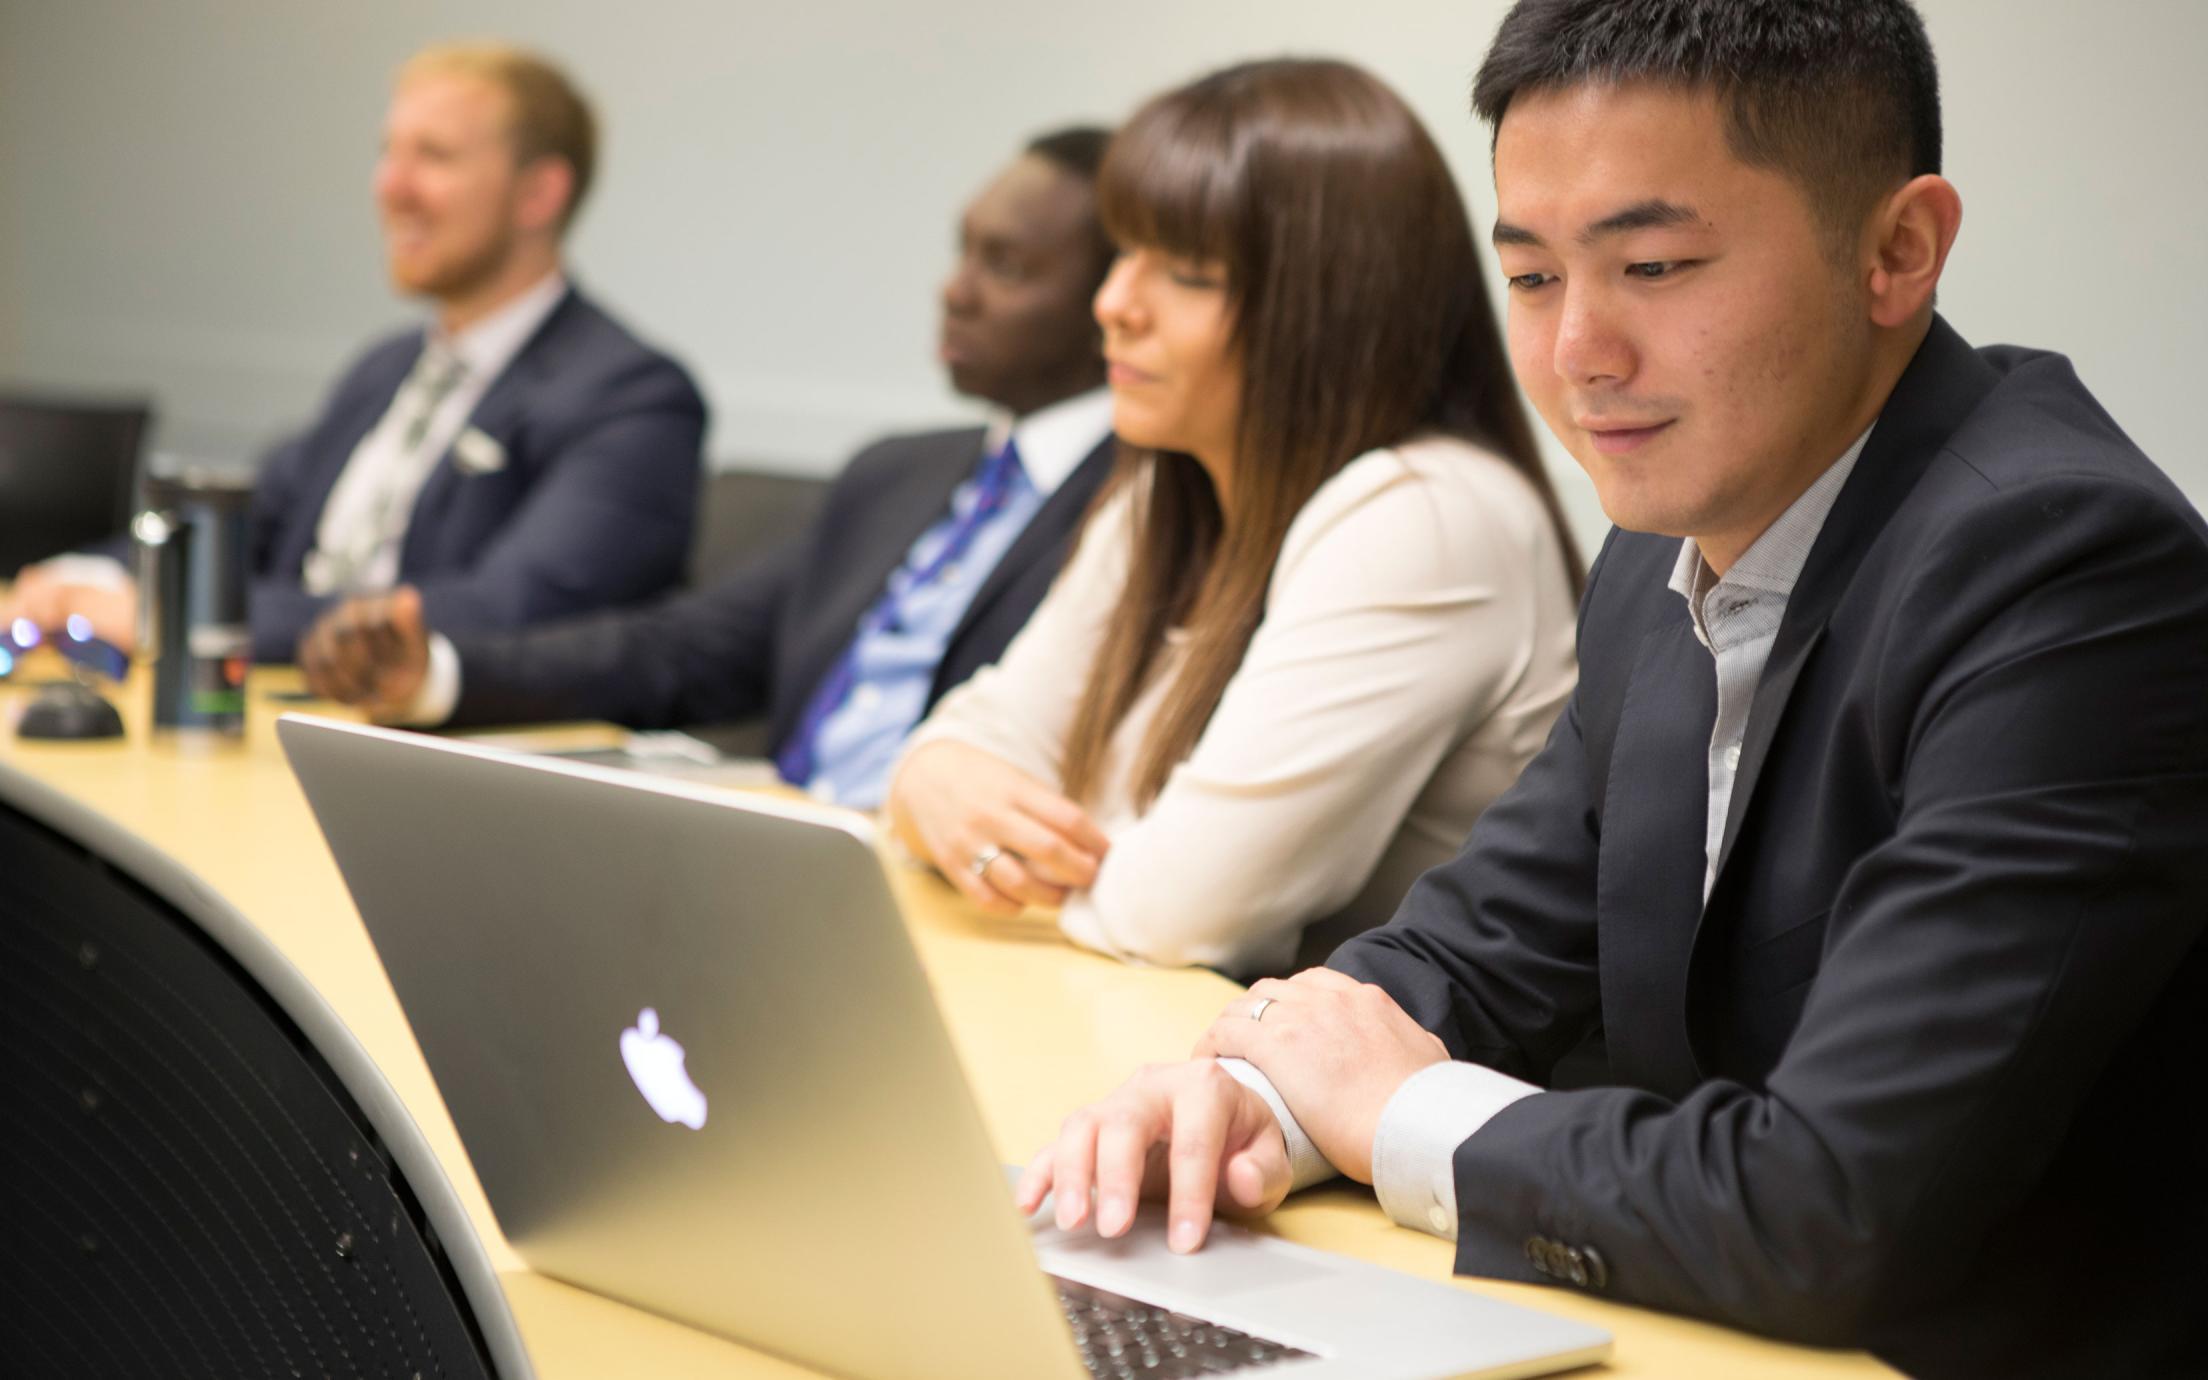 VIU Legal Studies Certificate Program